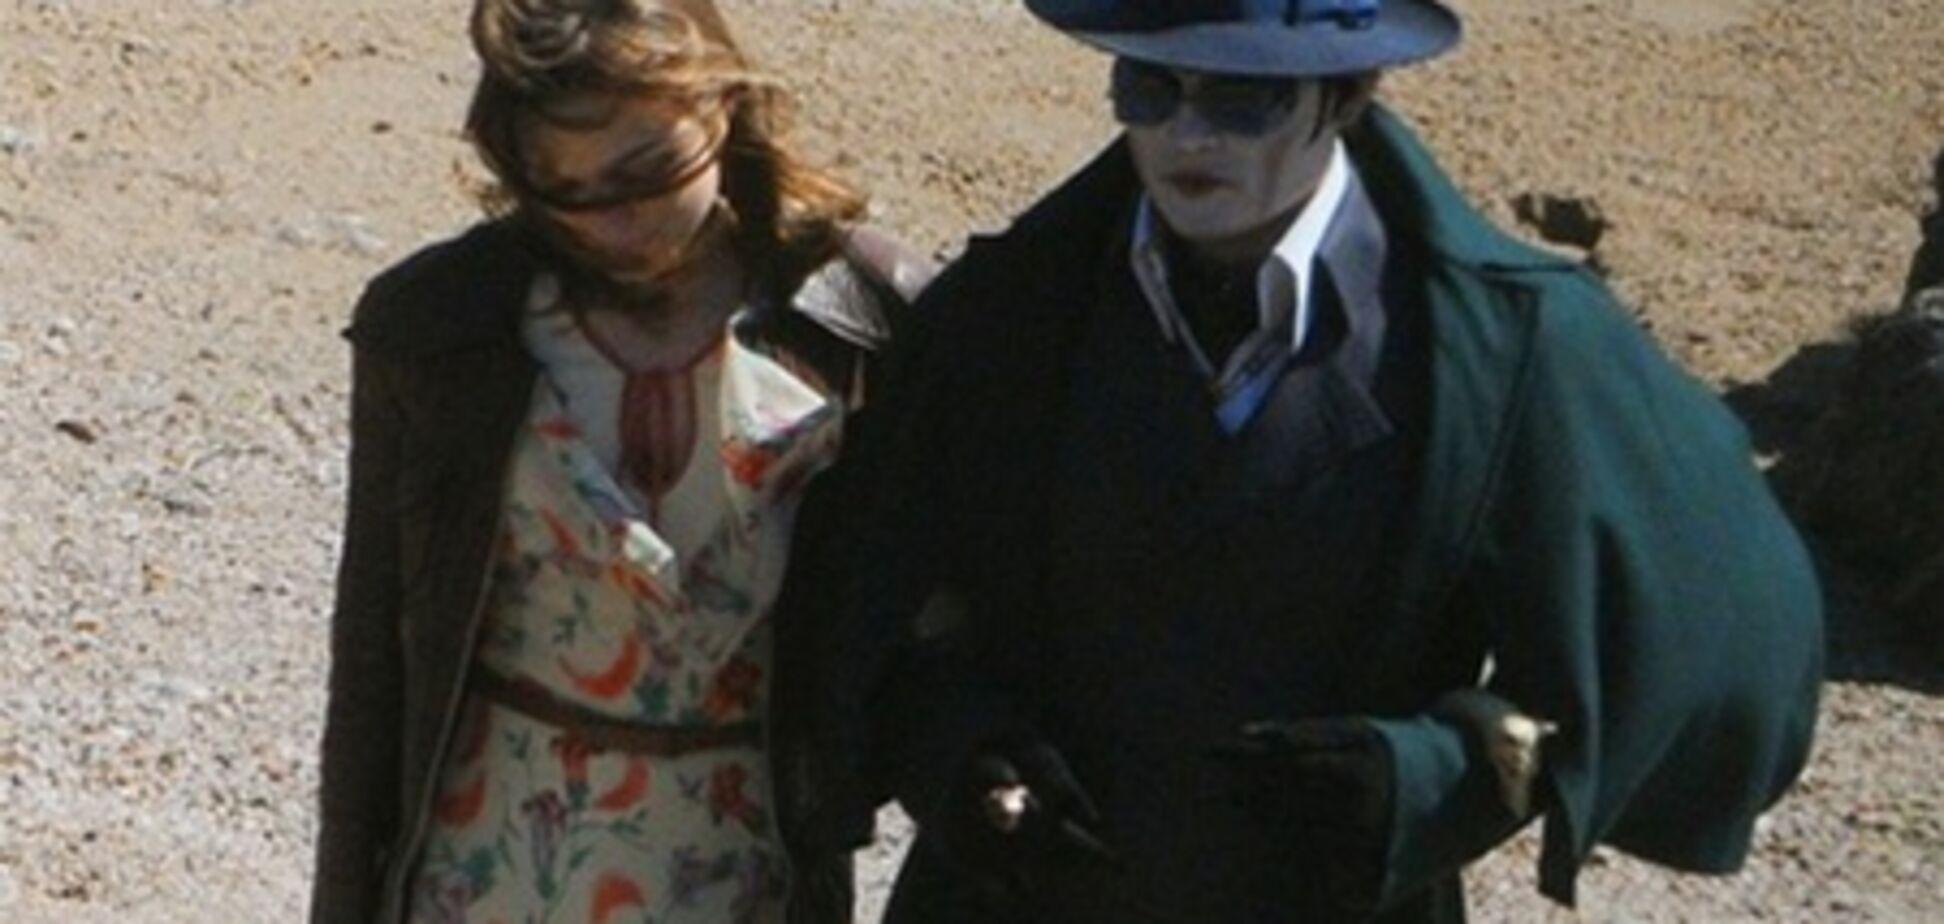 Джонни Депп в образе вампира: первые фото